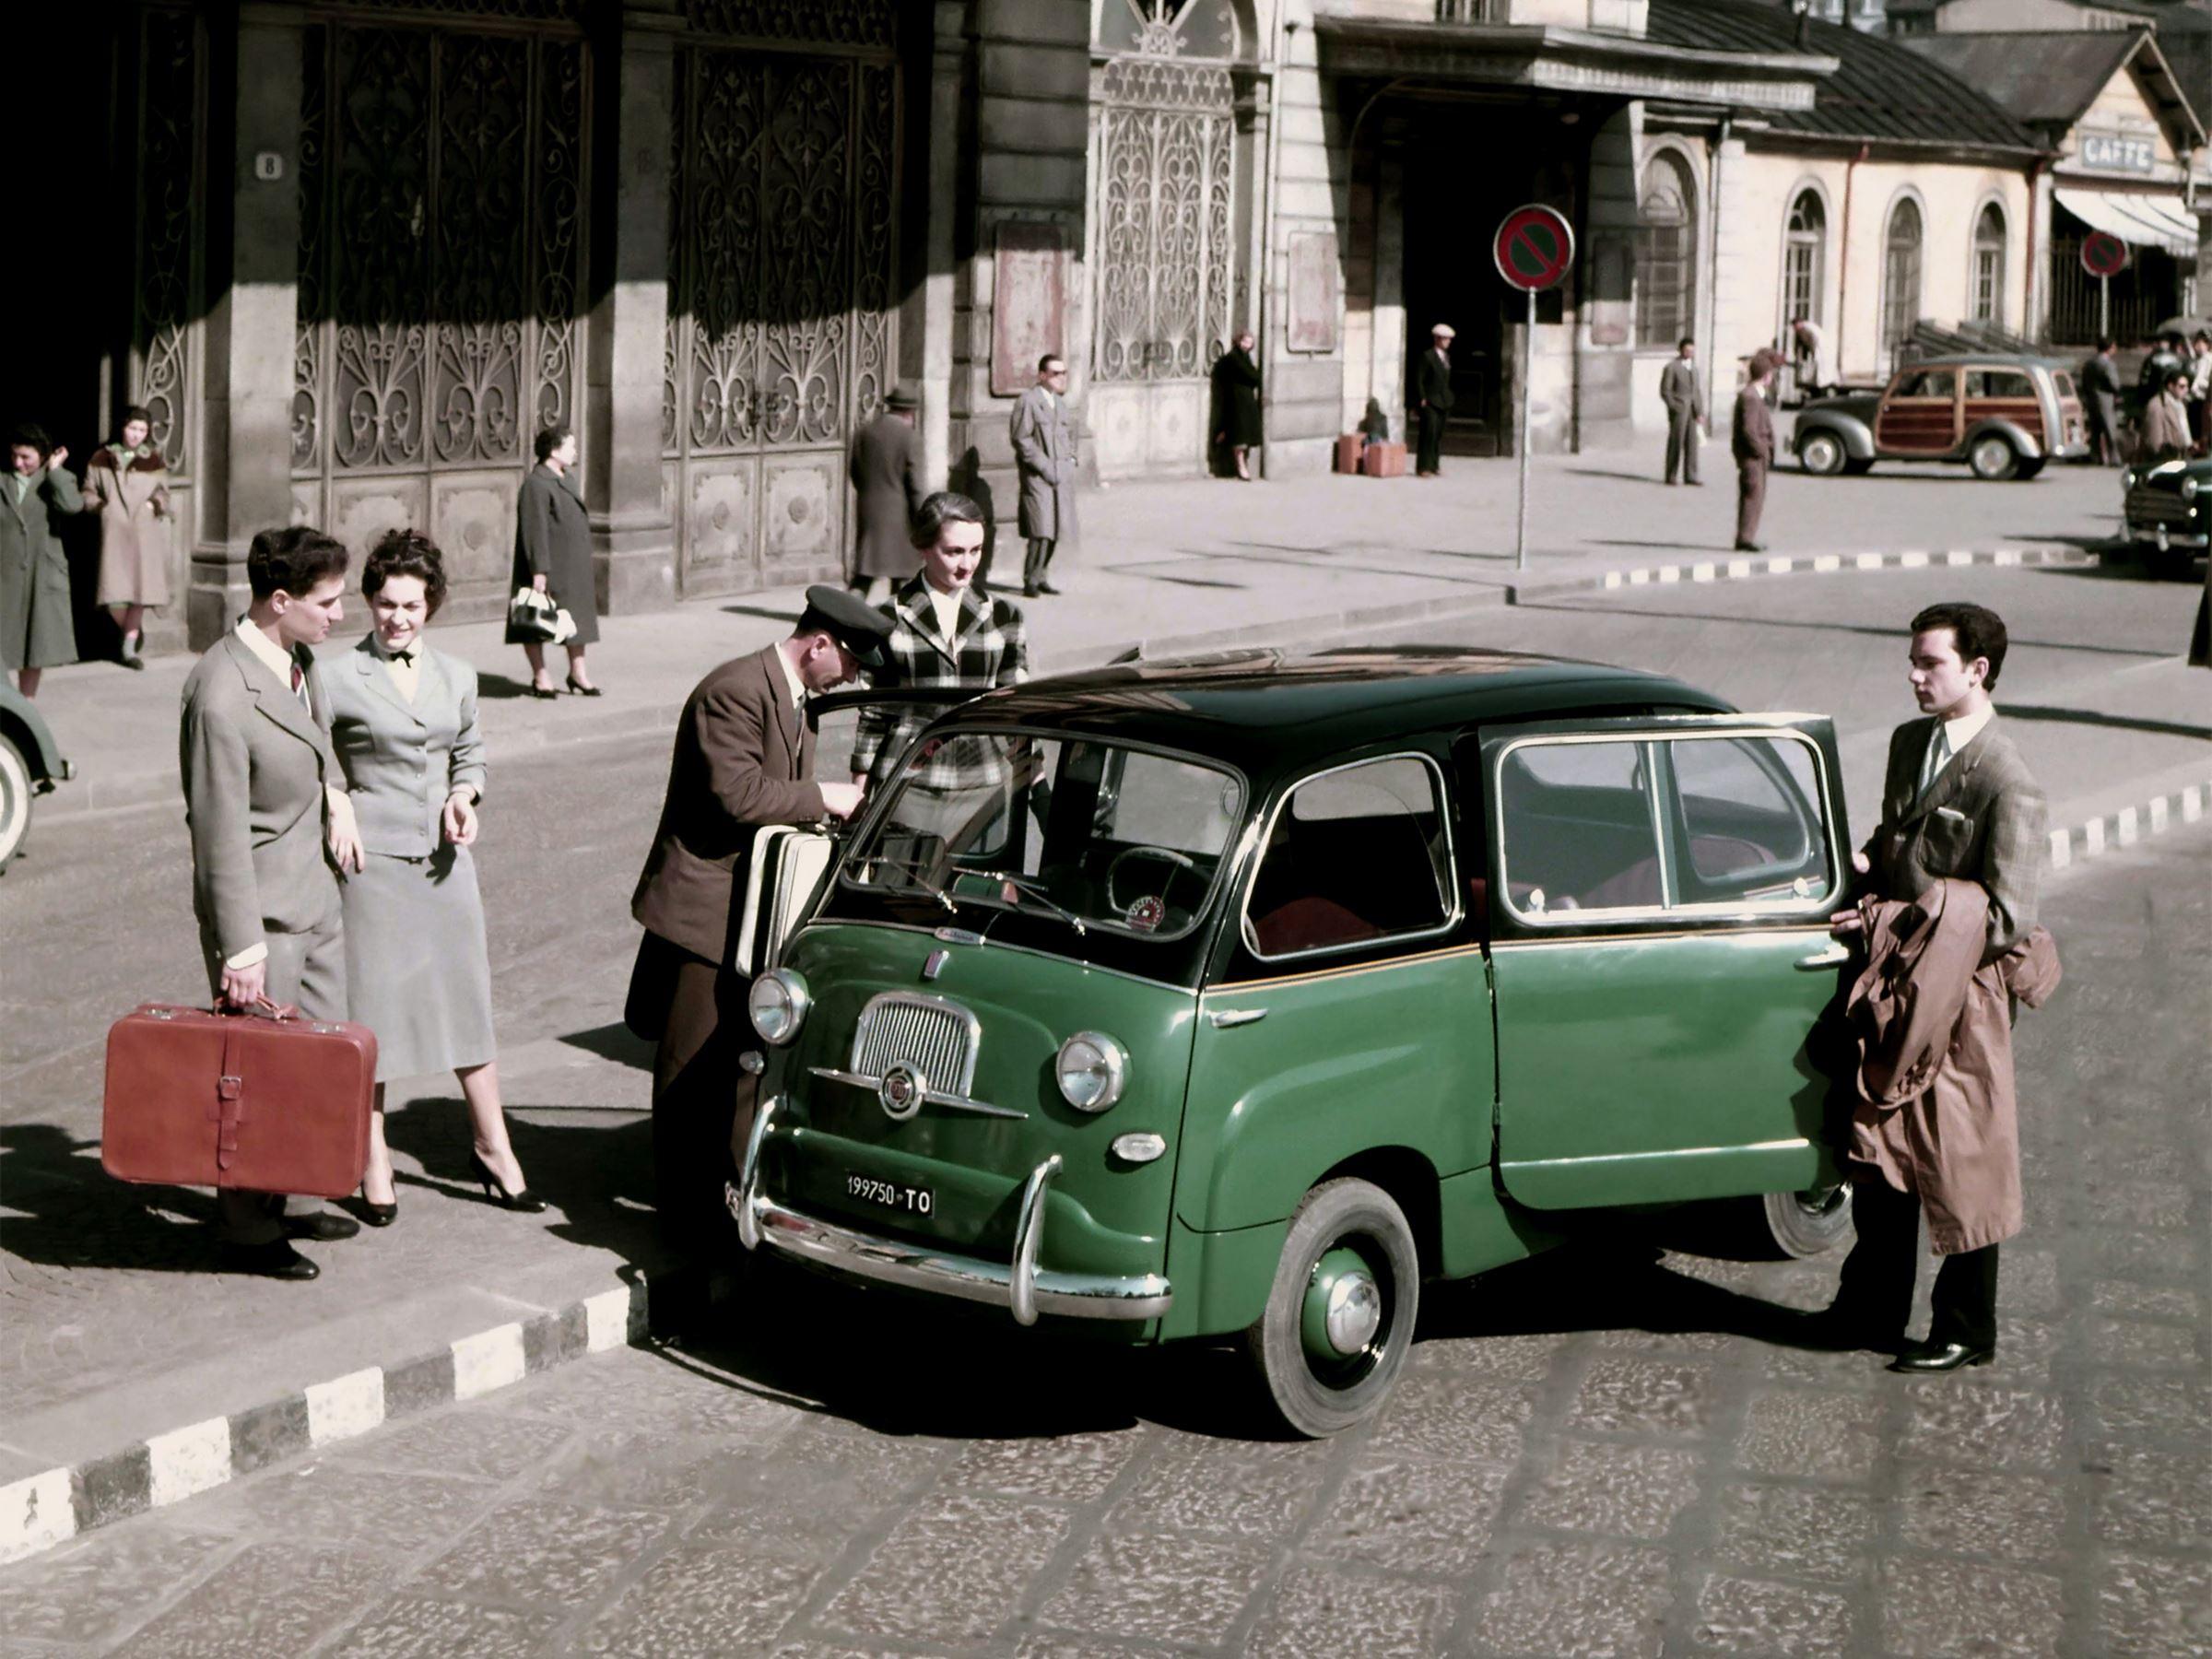 Samochody które trafiły na rynek za wcześnie